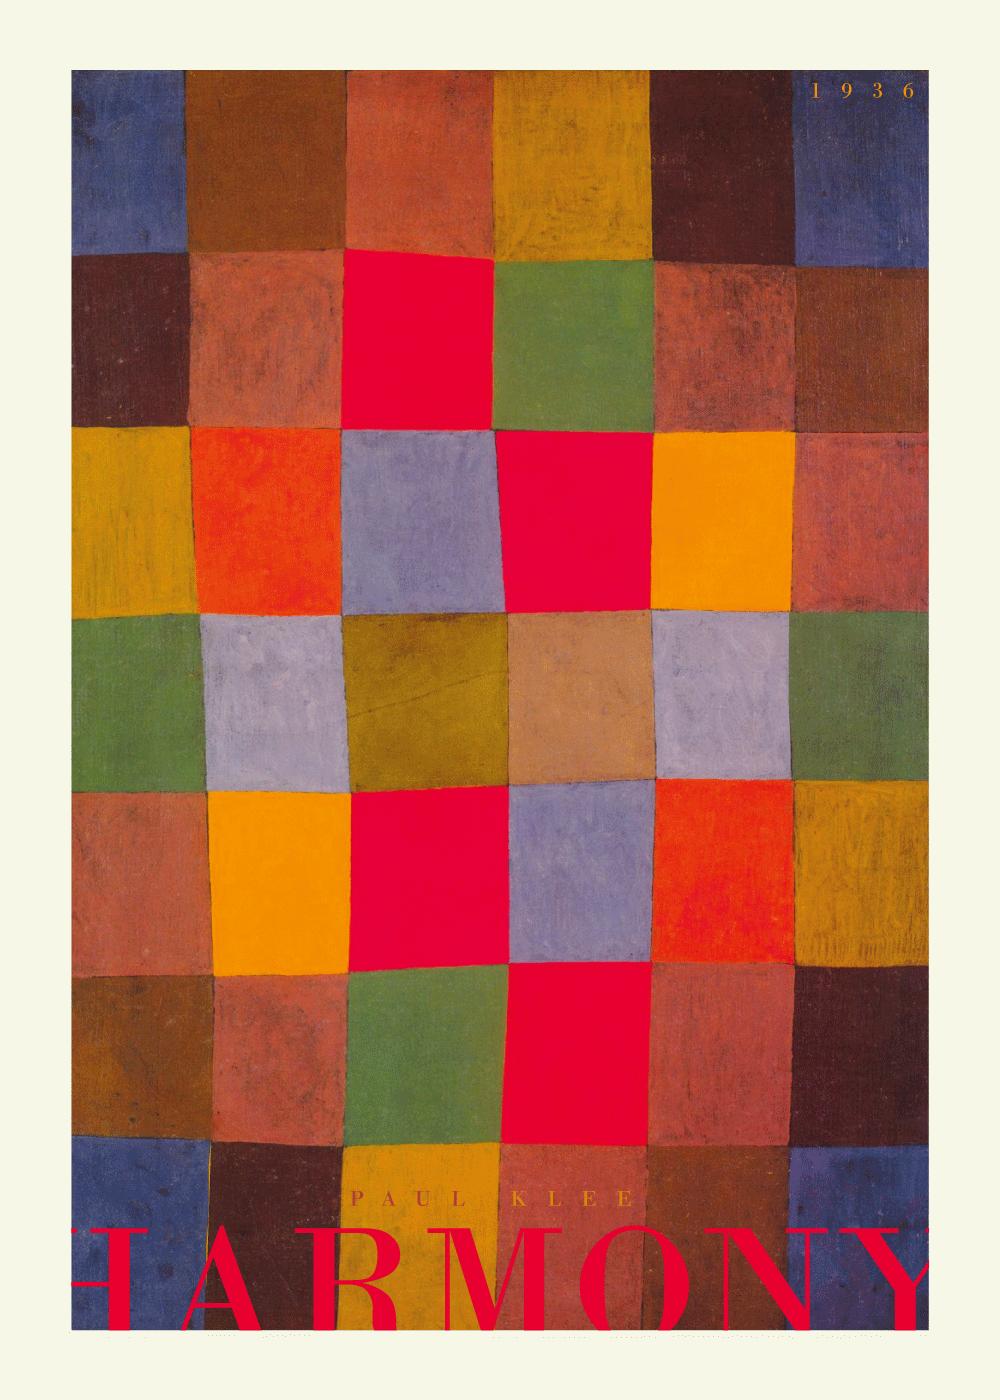 Billede af Harmony - Paul Klee kunstplakat